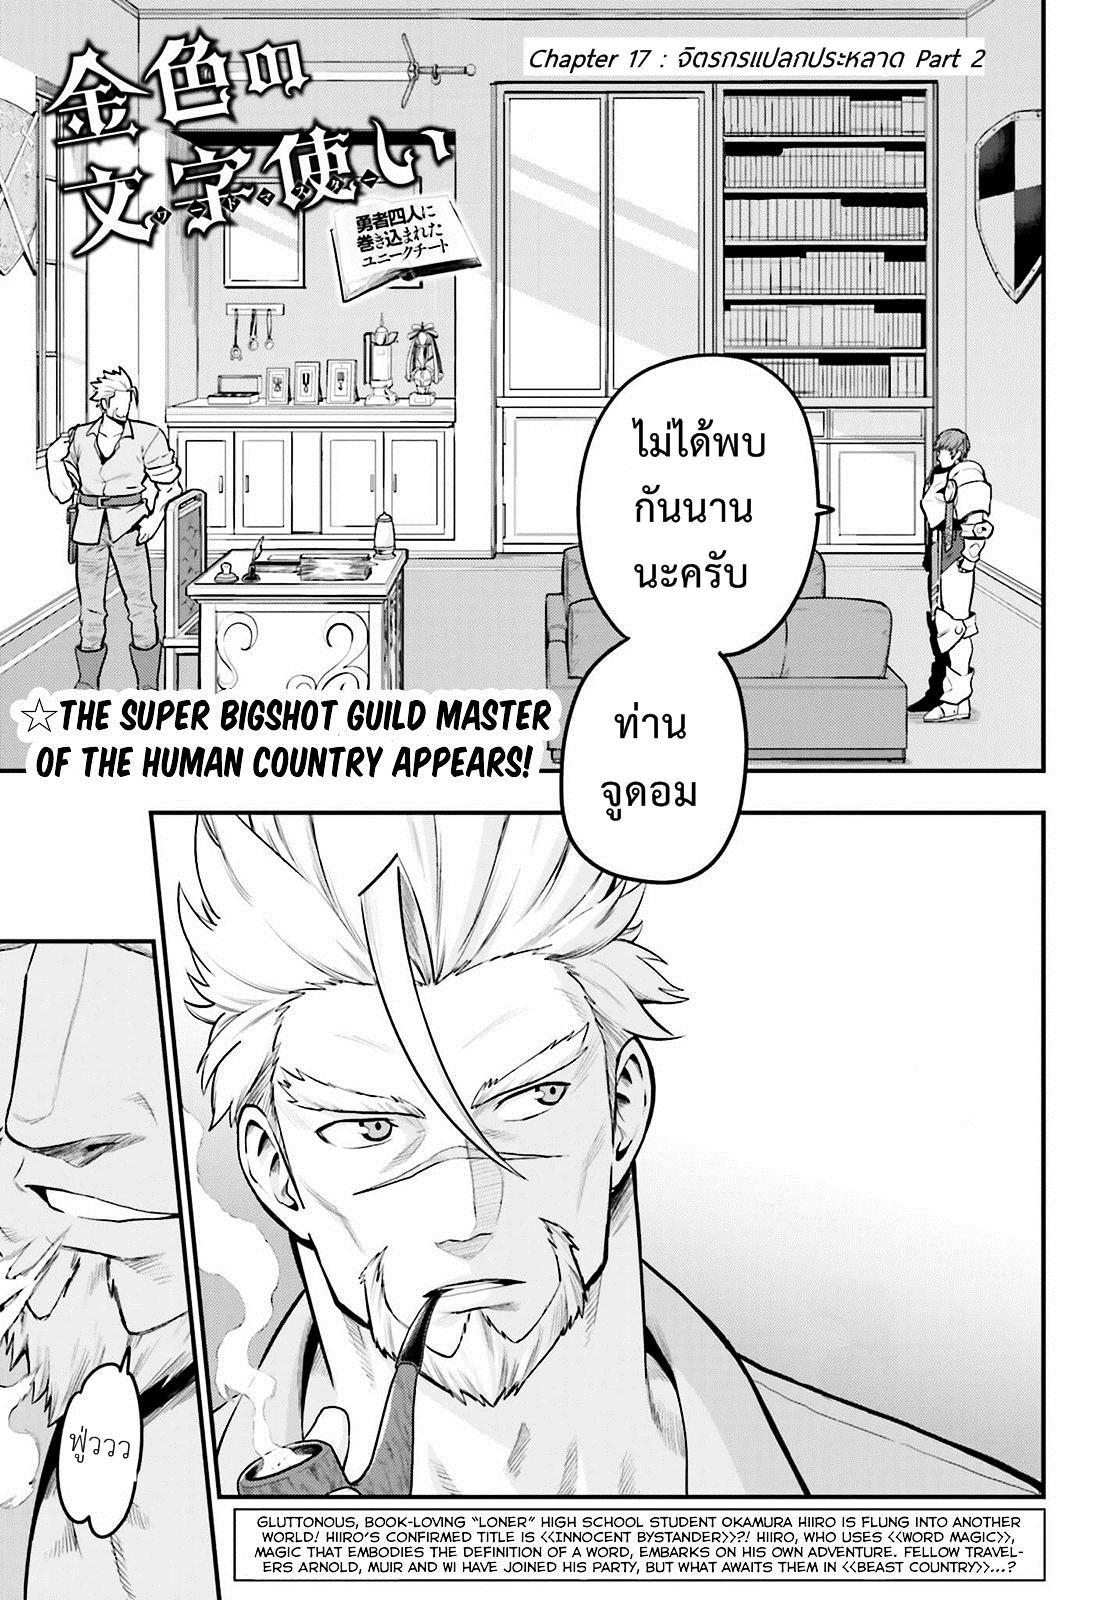 อ่านการ์ตูน Konjiki no Word Master 17 ภาพที่ 1